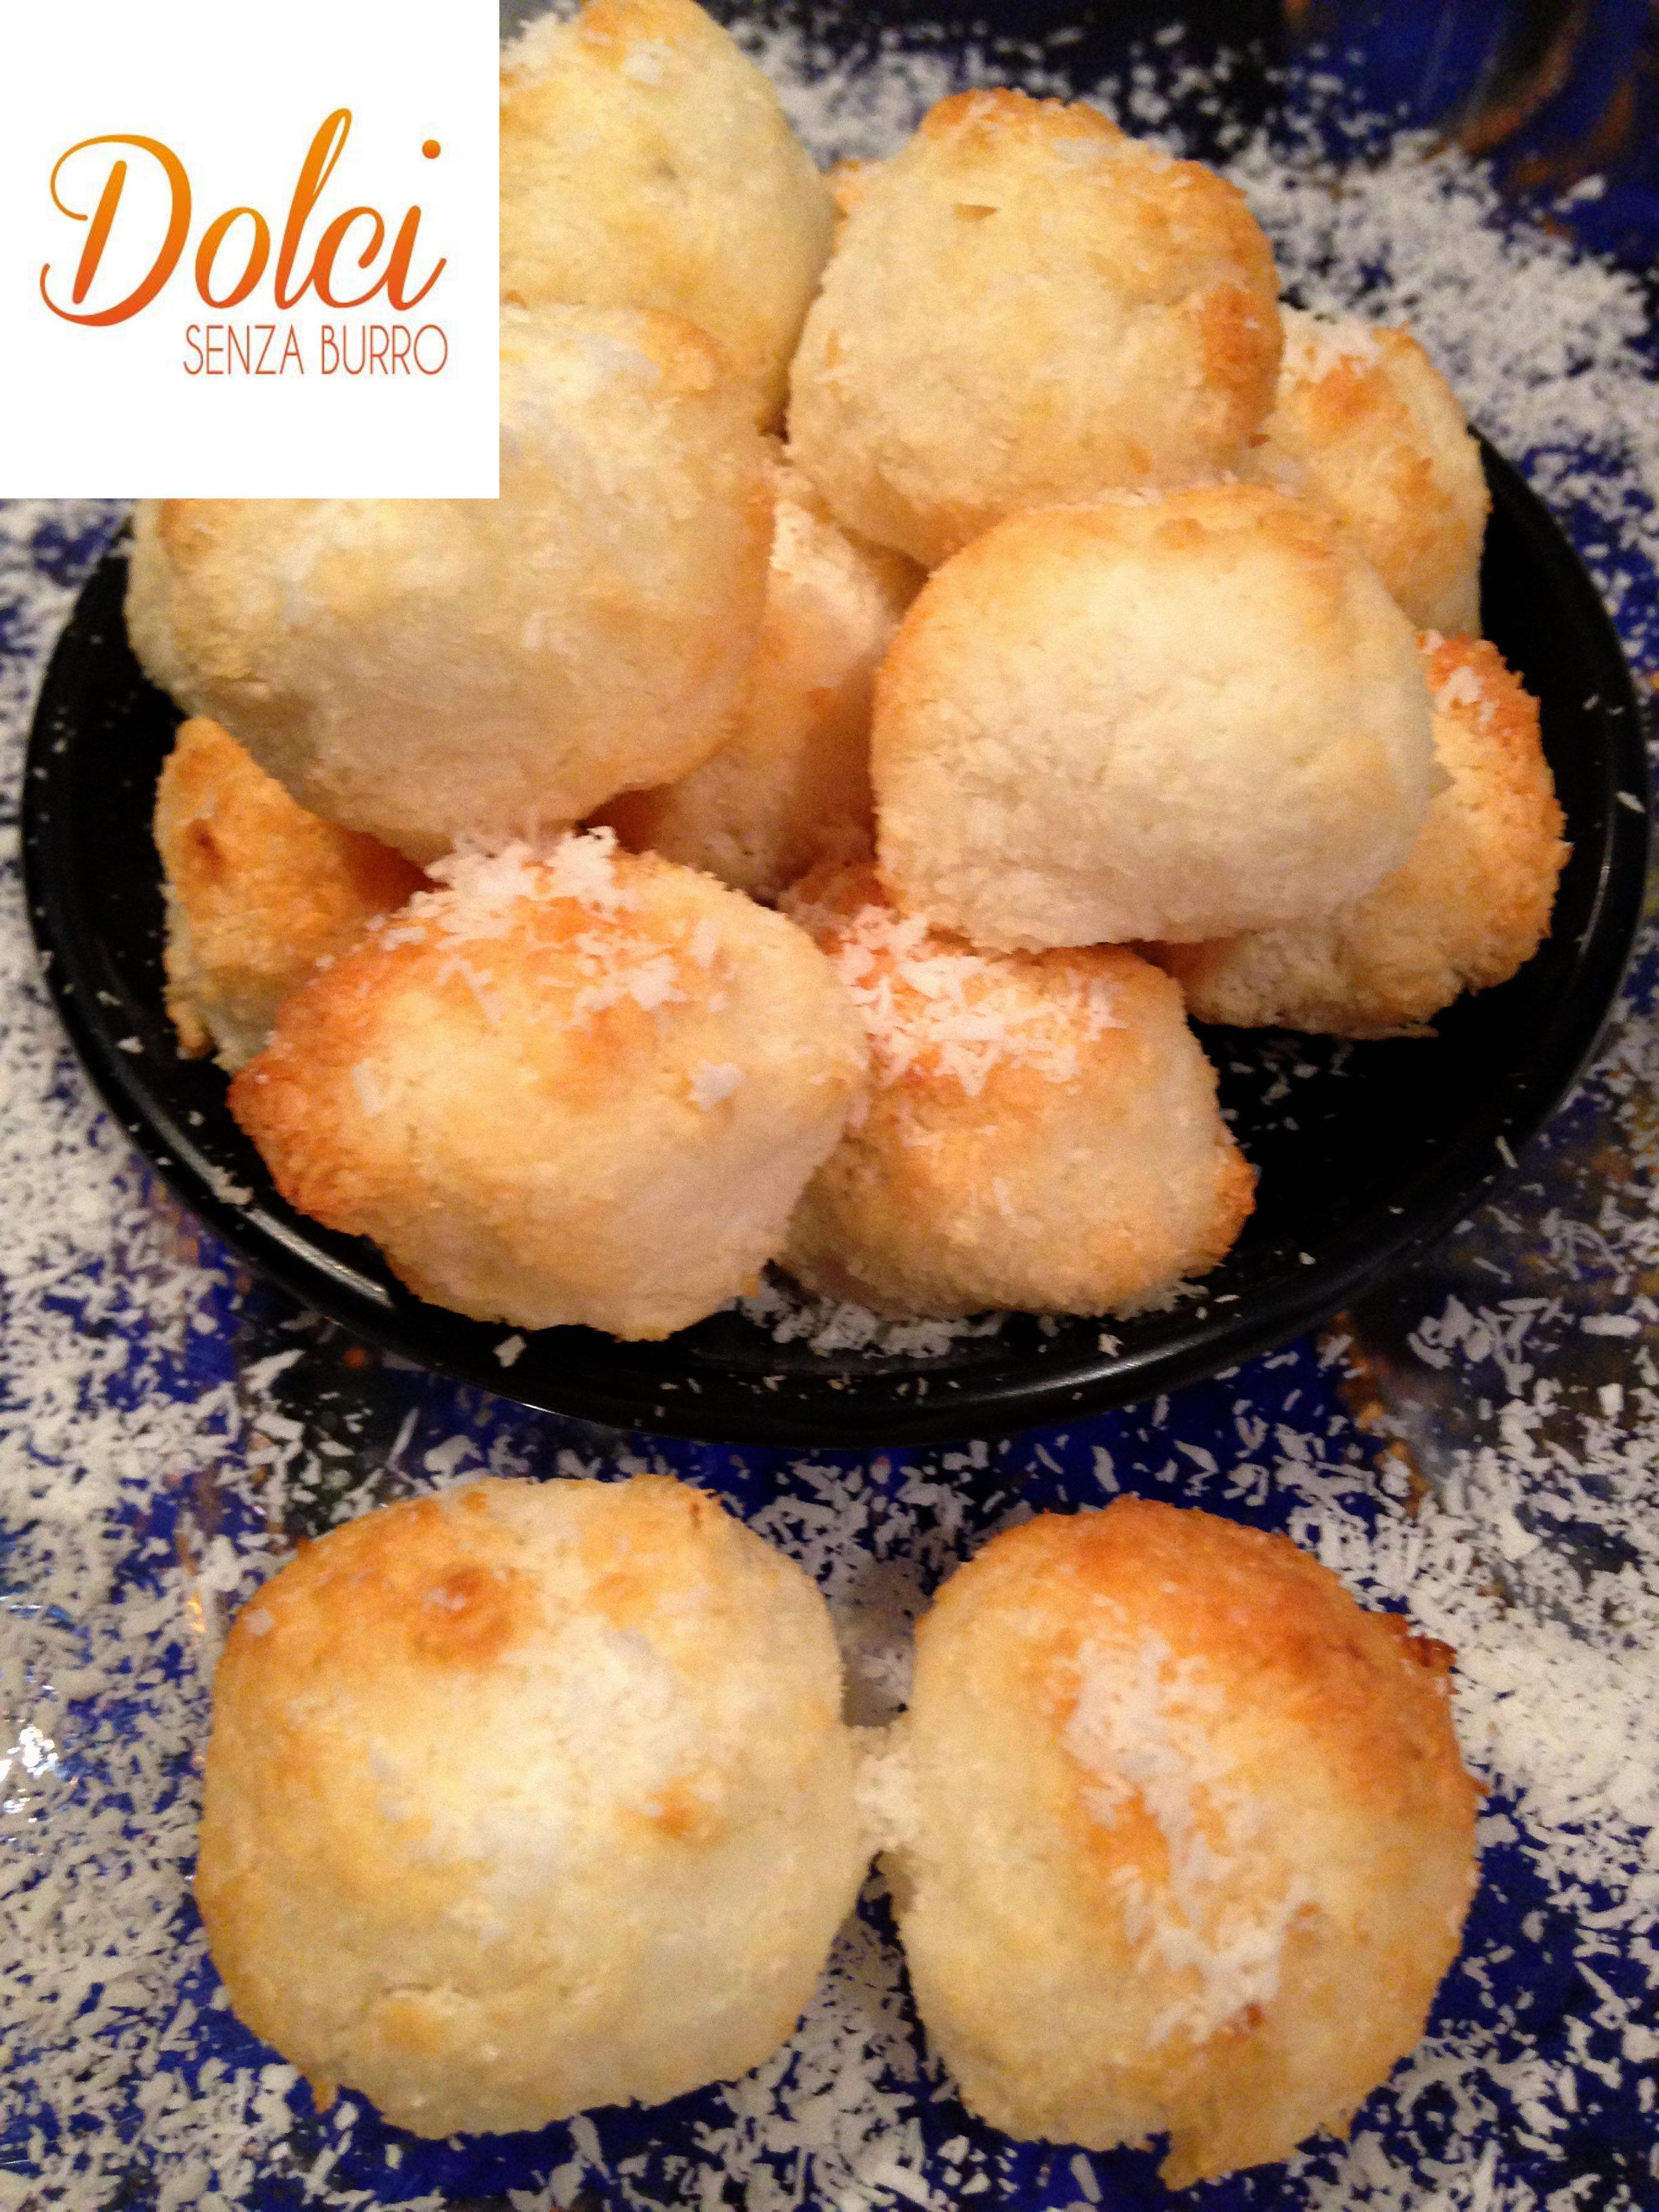 Biscotti al Cocco Senza Burro, i biscotti light di dolci senza burro